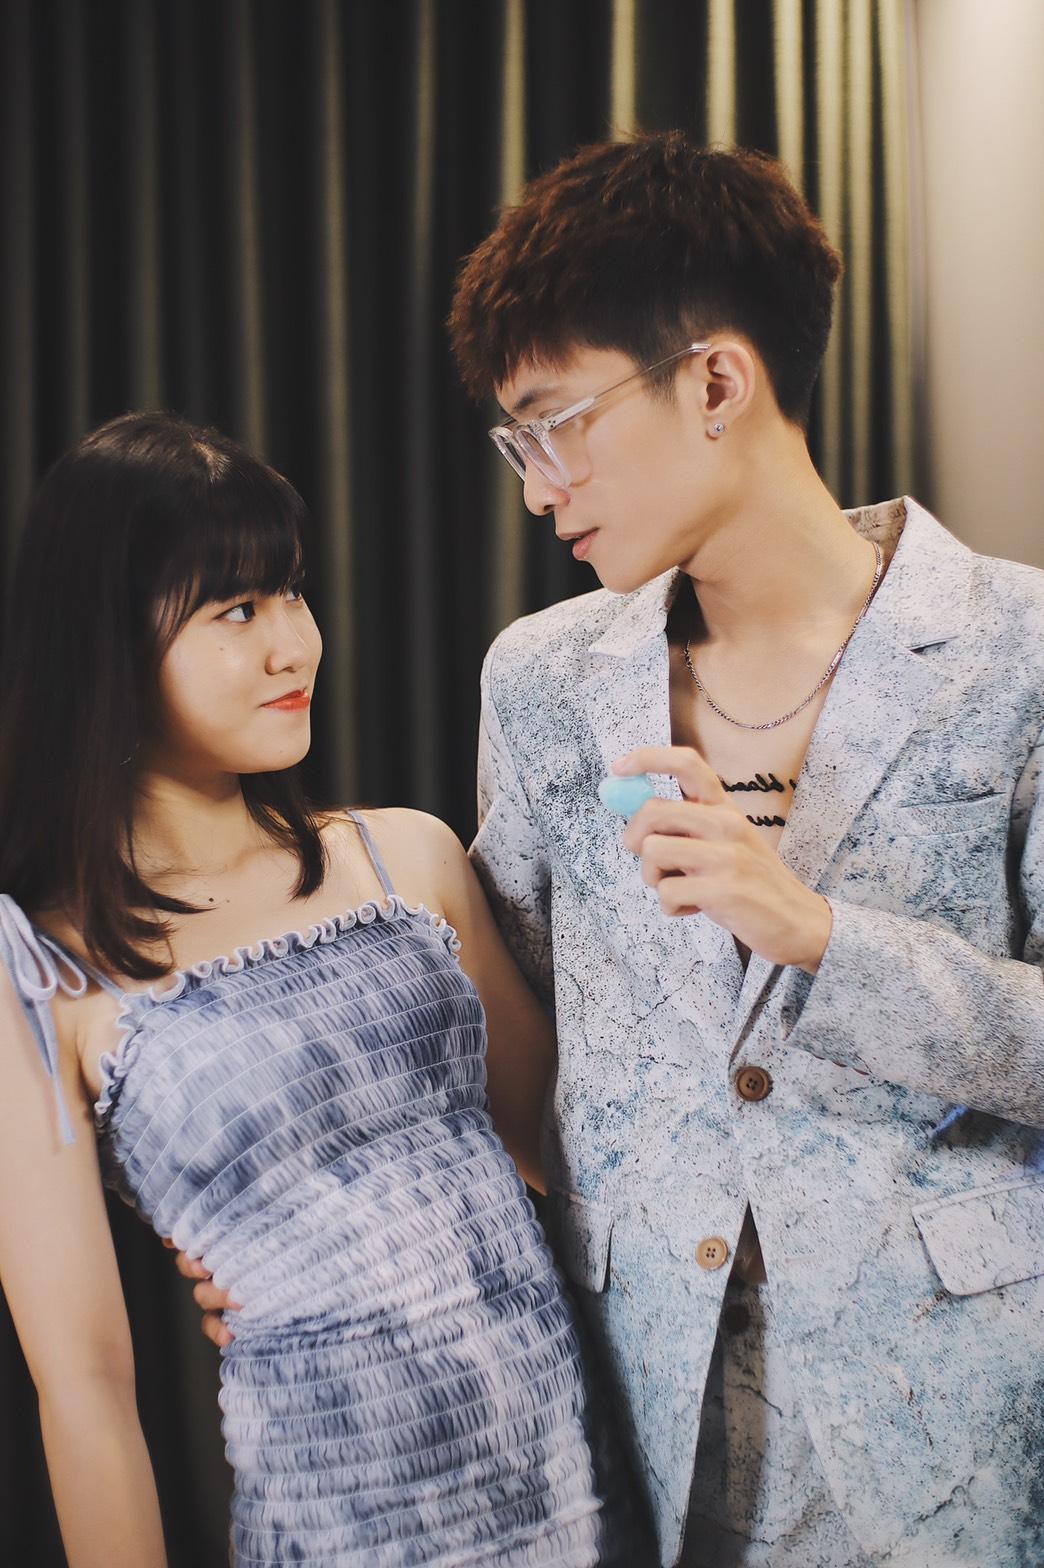 Thái Vũ, Nhung Gumiho, Trang Lou - những gương mặt đi đầu trong làng đu trend chụp ảnh với đá viên hot hit trên MXH - Ảnh 4.